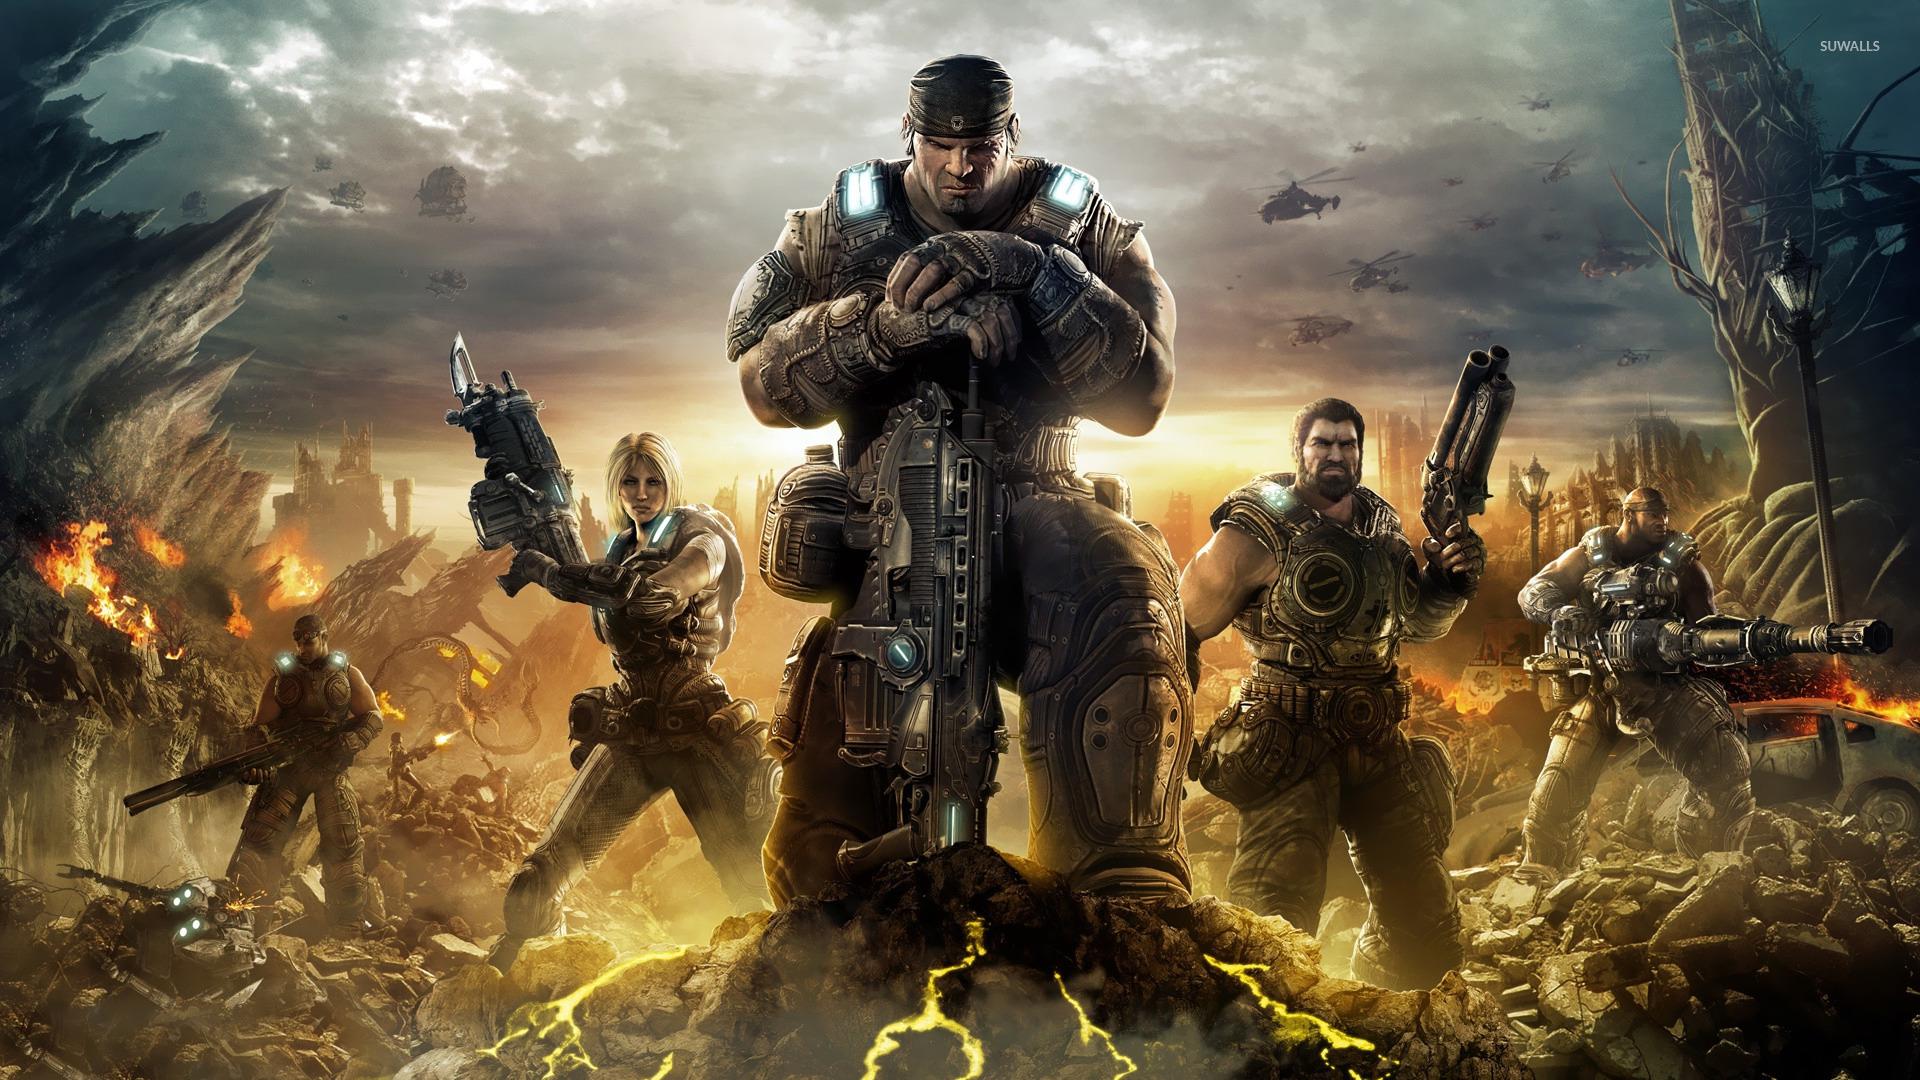 Gears Of War Hd Wallpaper 1080p - HD Wallpaper